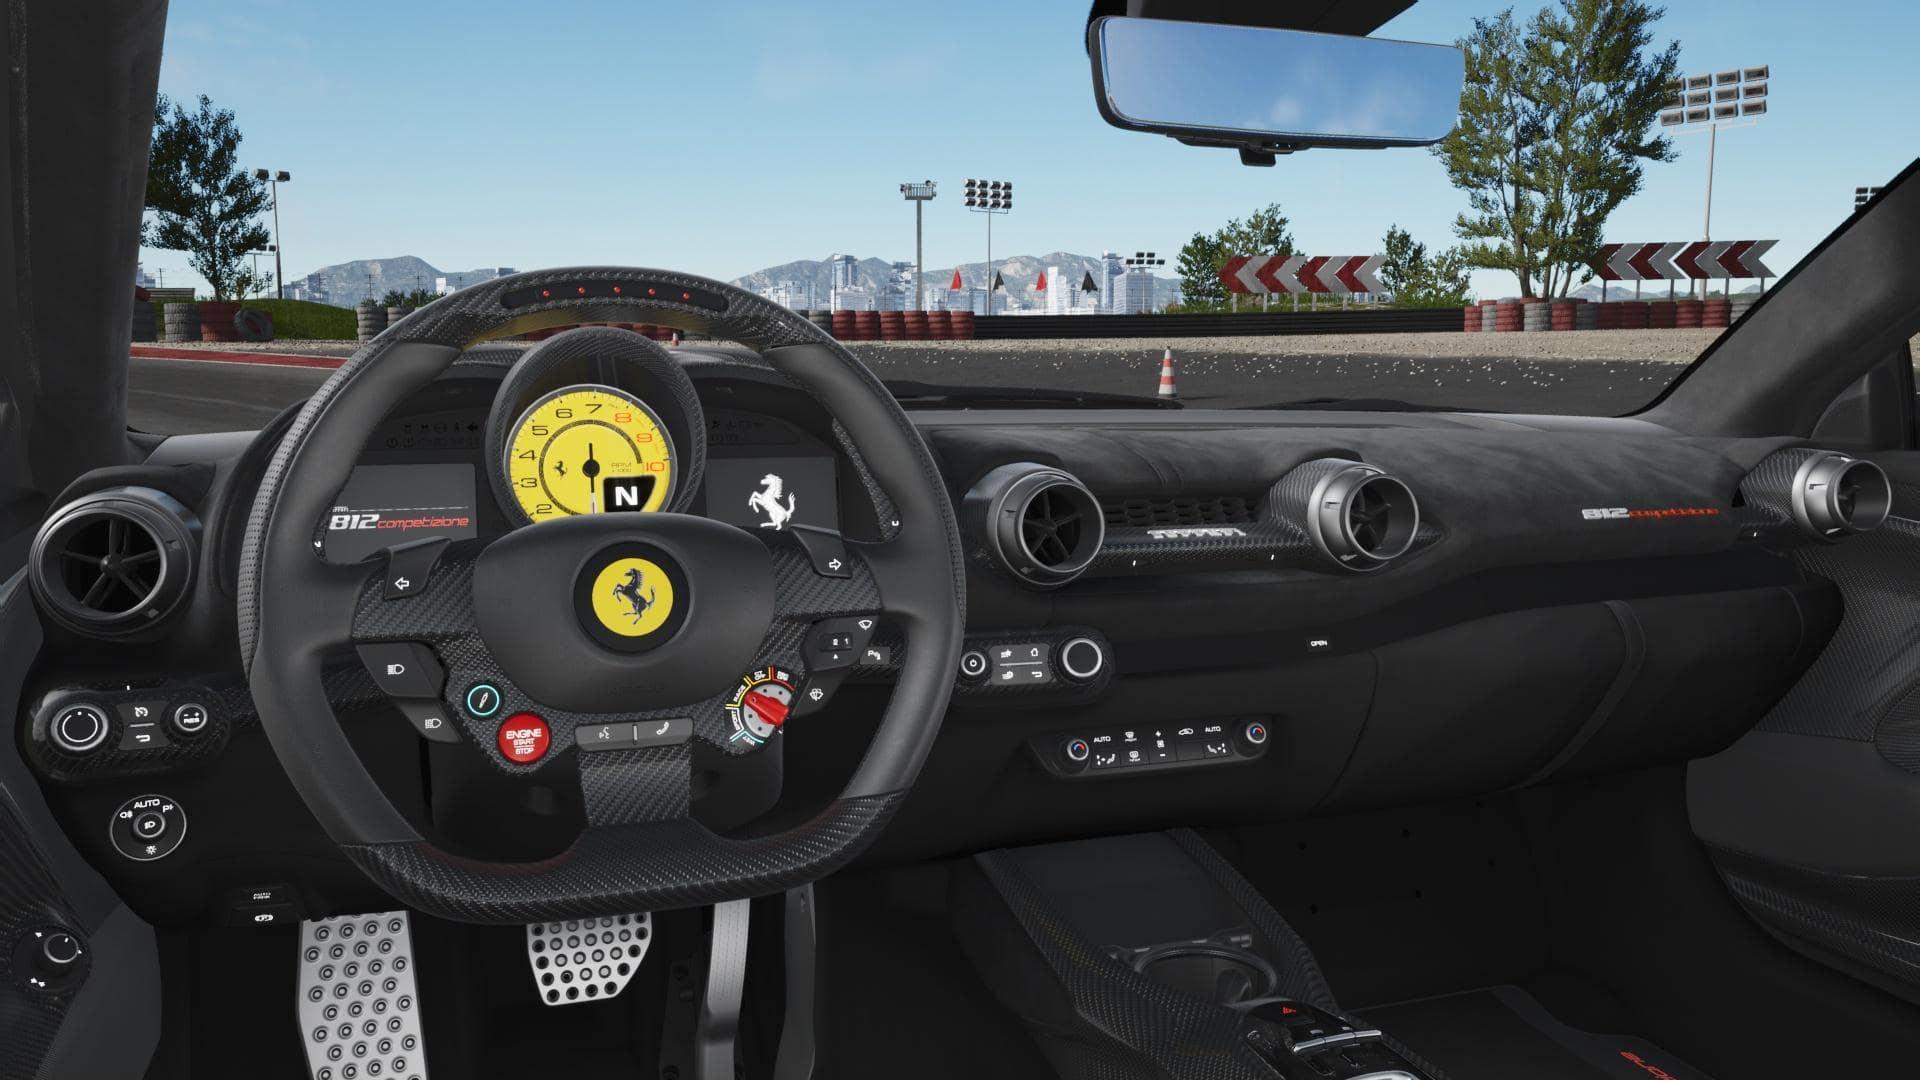 Ferrari 812 Ferrari Competizione Steering and Dash